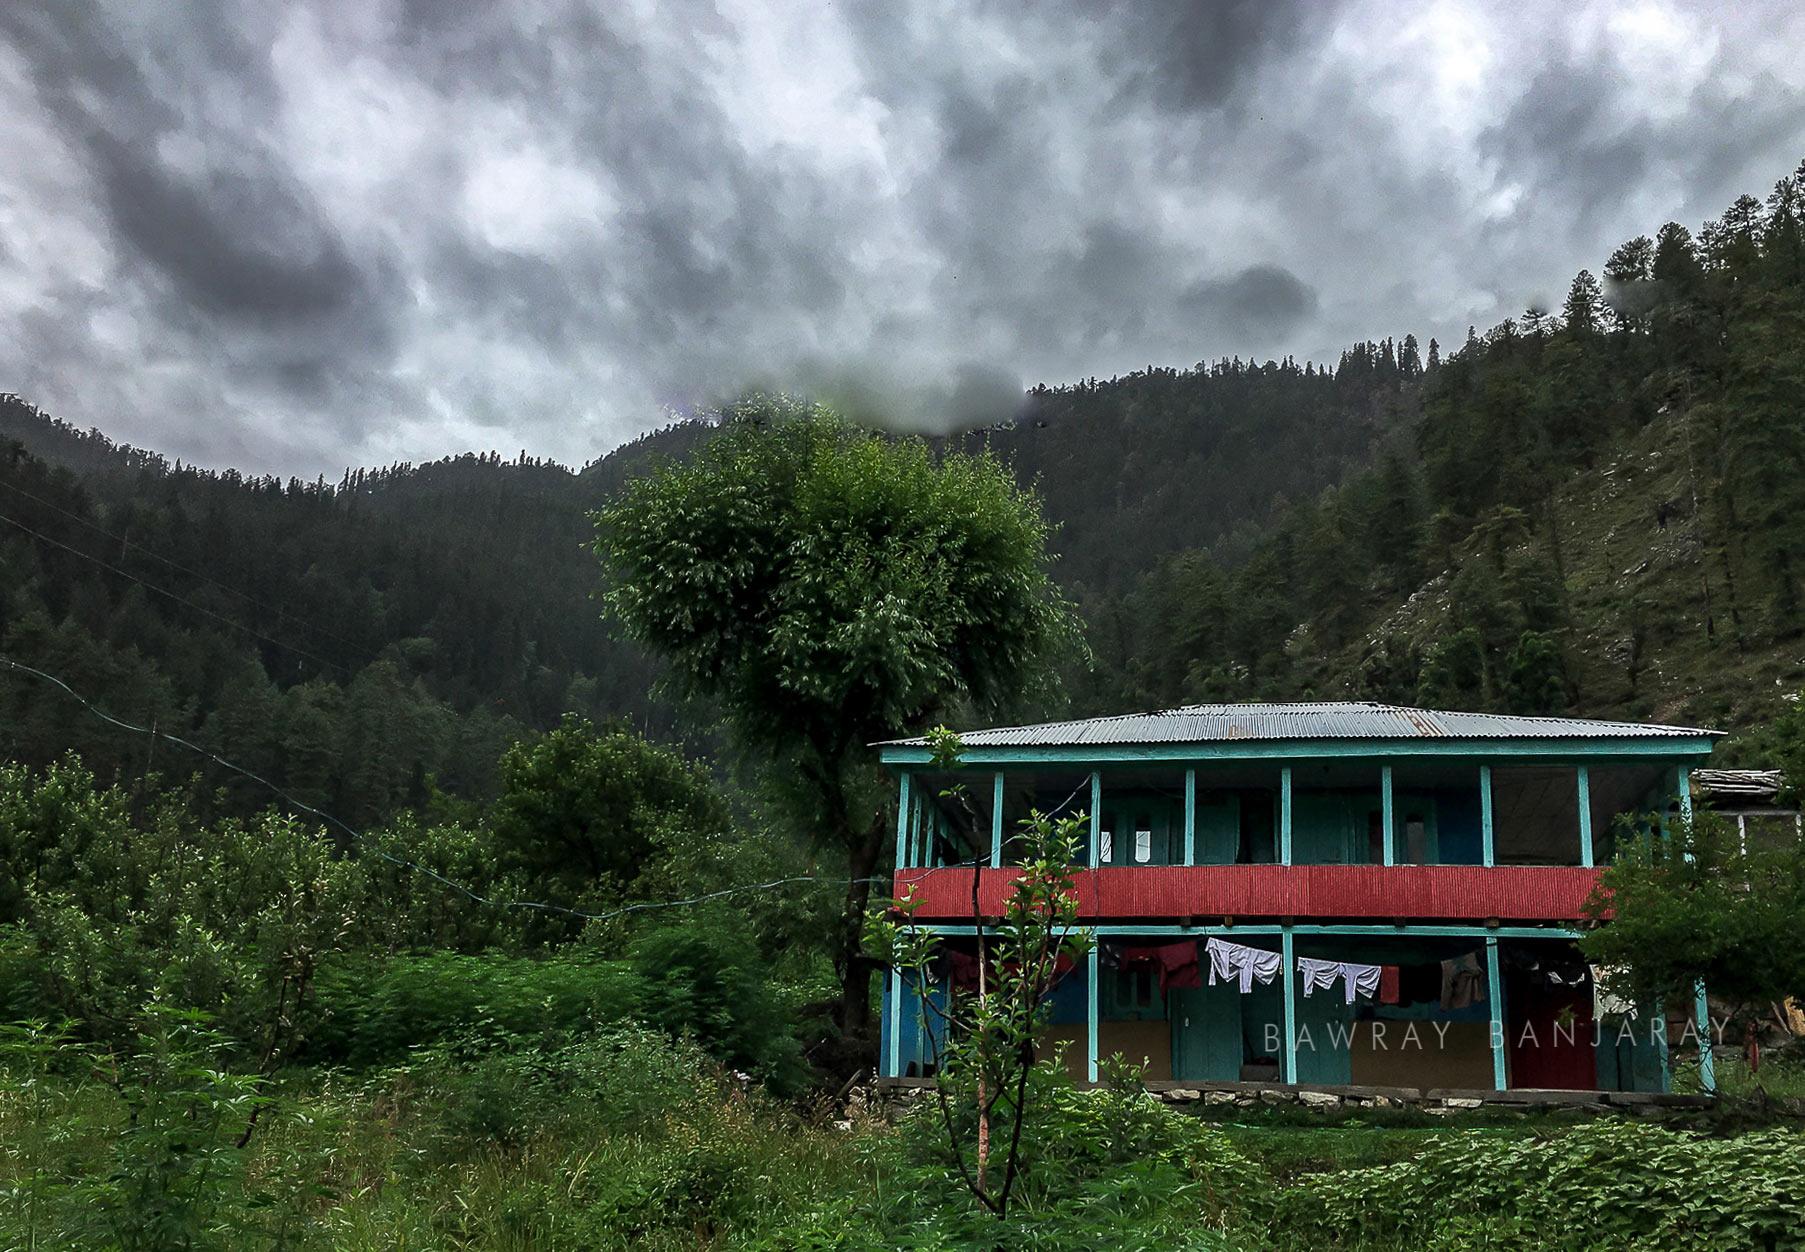 Bawray Banjaray HOme near Baga Sarahan